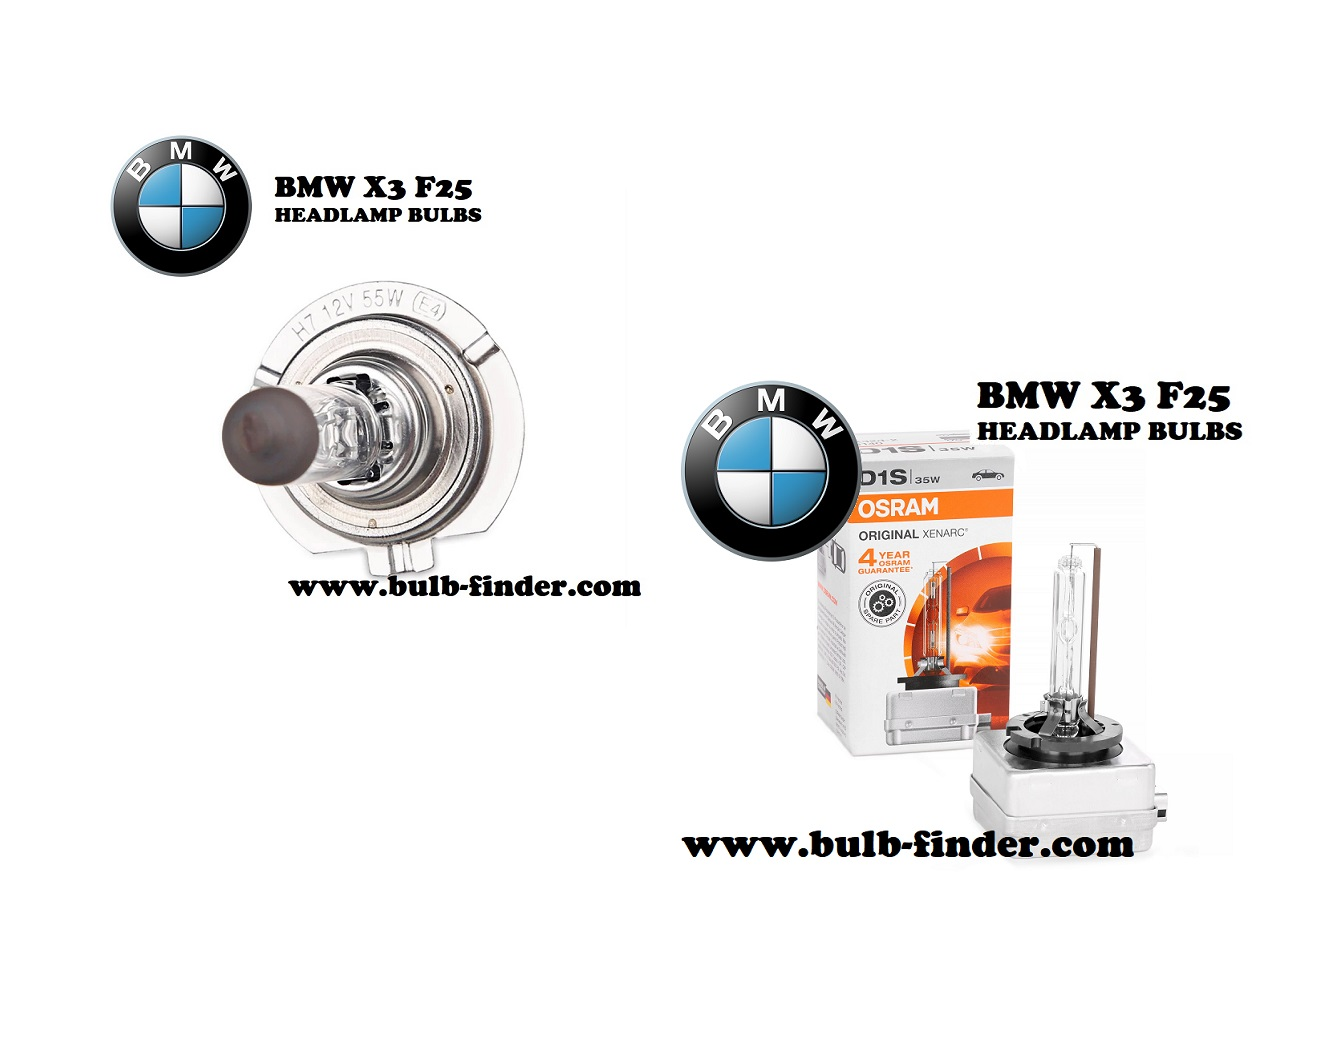 BMW X3 F25 headlight bulbs model